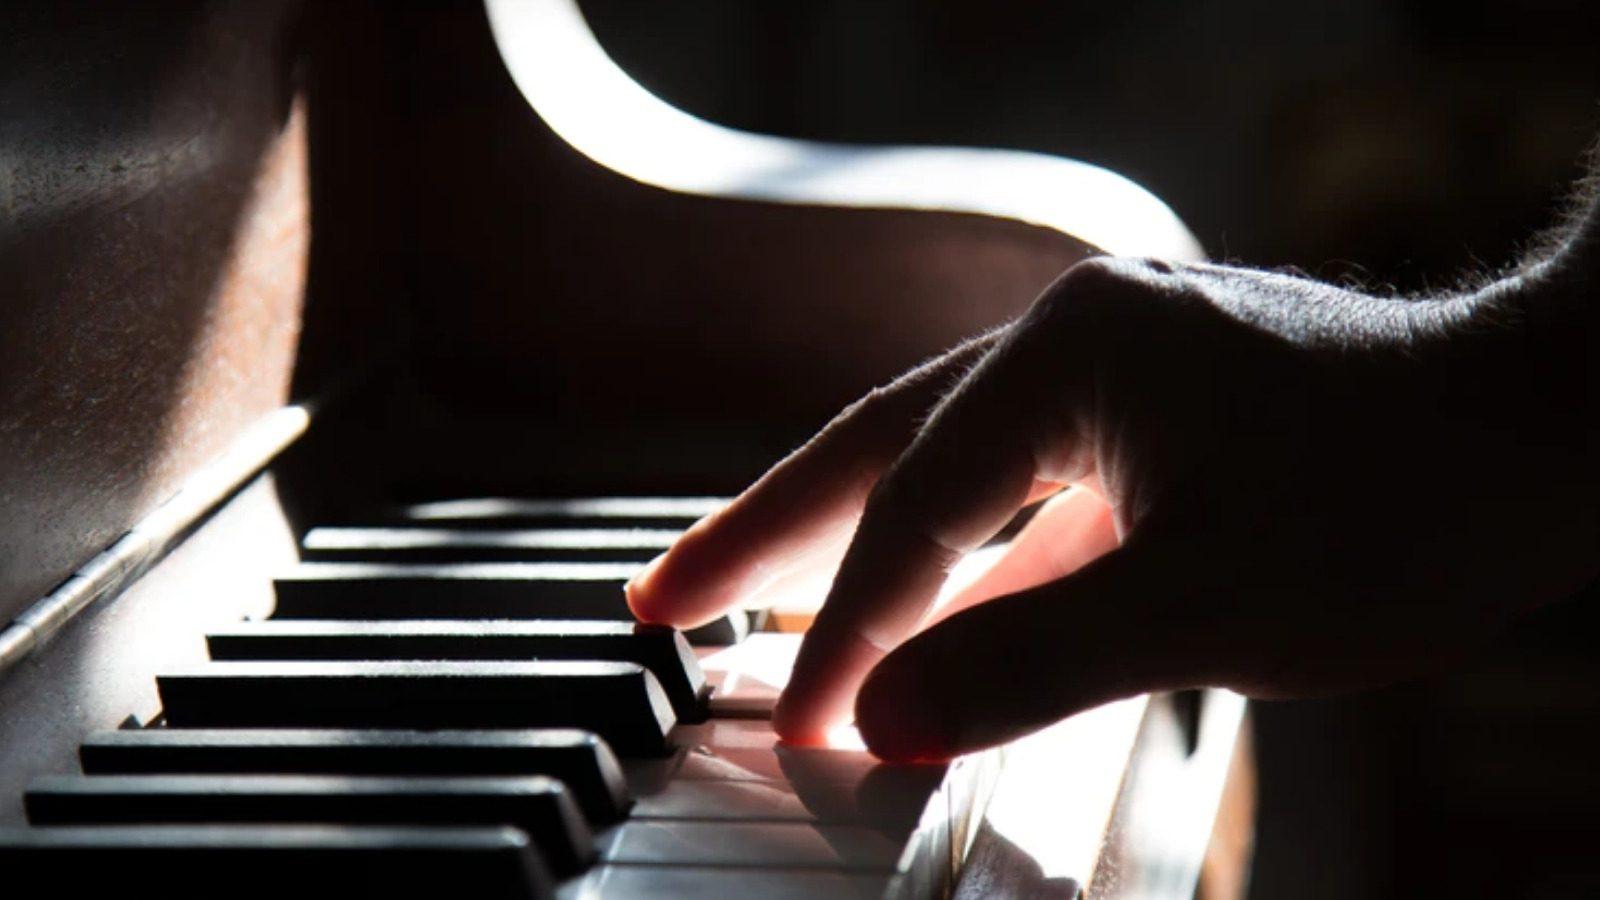 Learn Piano WhiteHat Jr